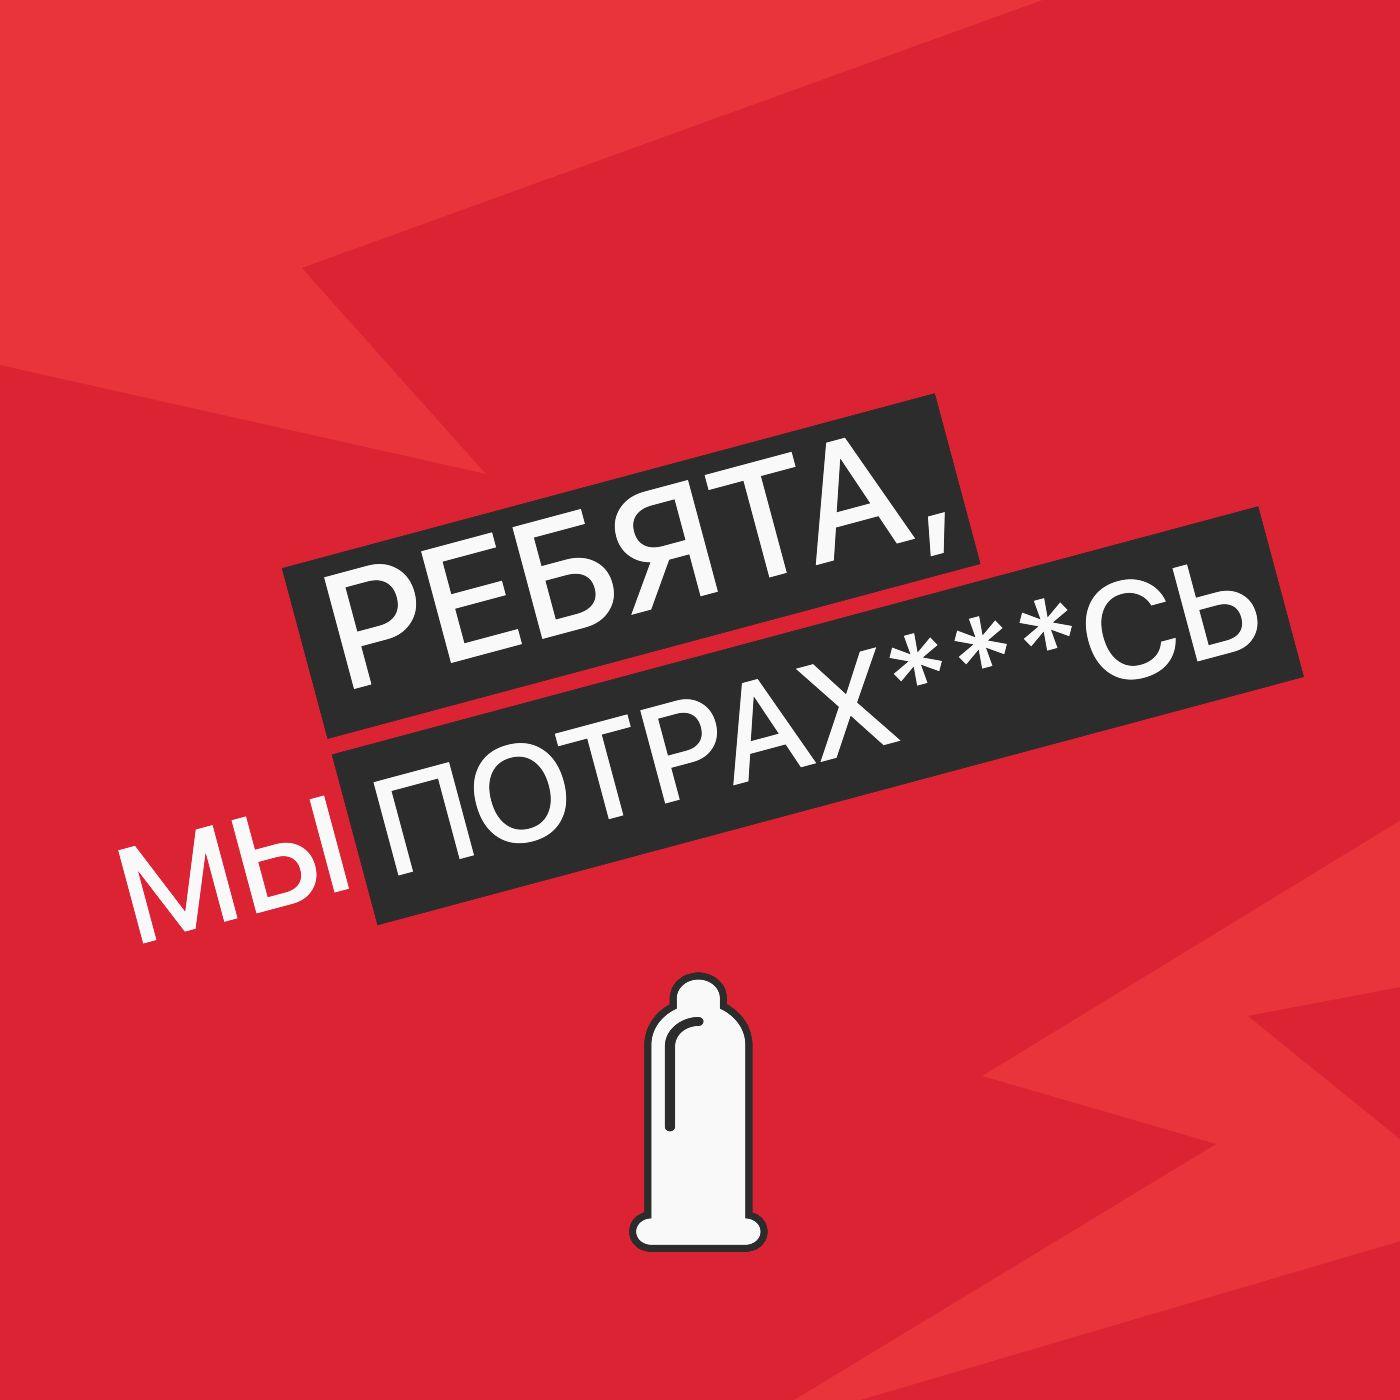 Творческий коллектив Mojomedia Выпуск № 10 творческий коллектив mojomedia барбер